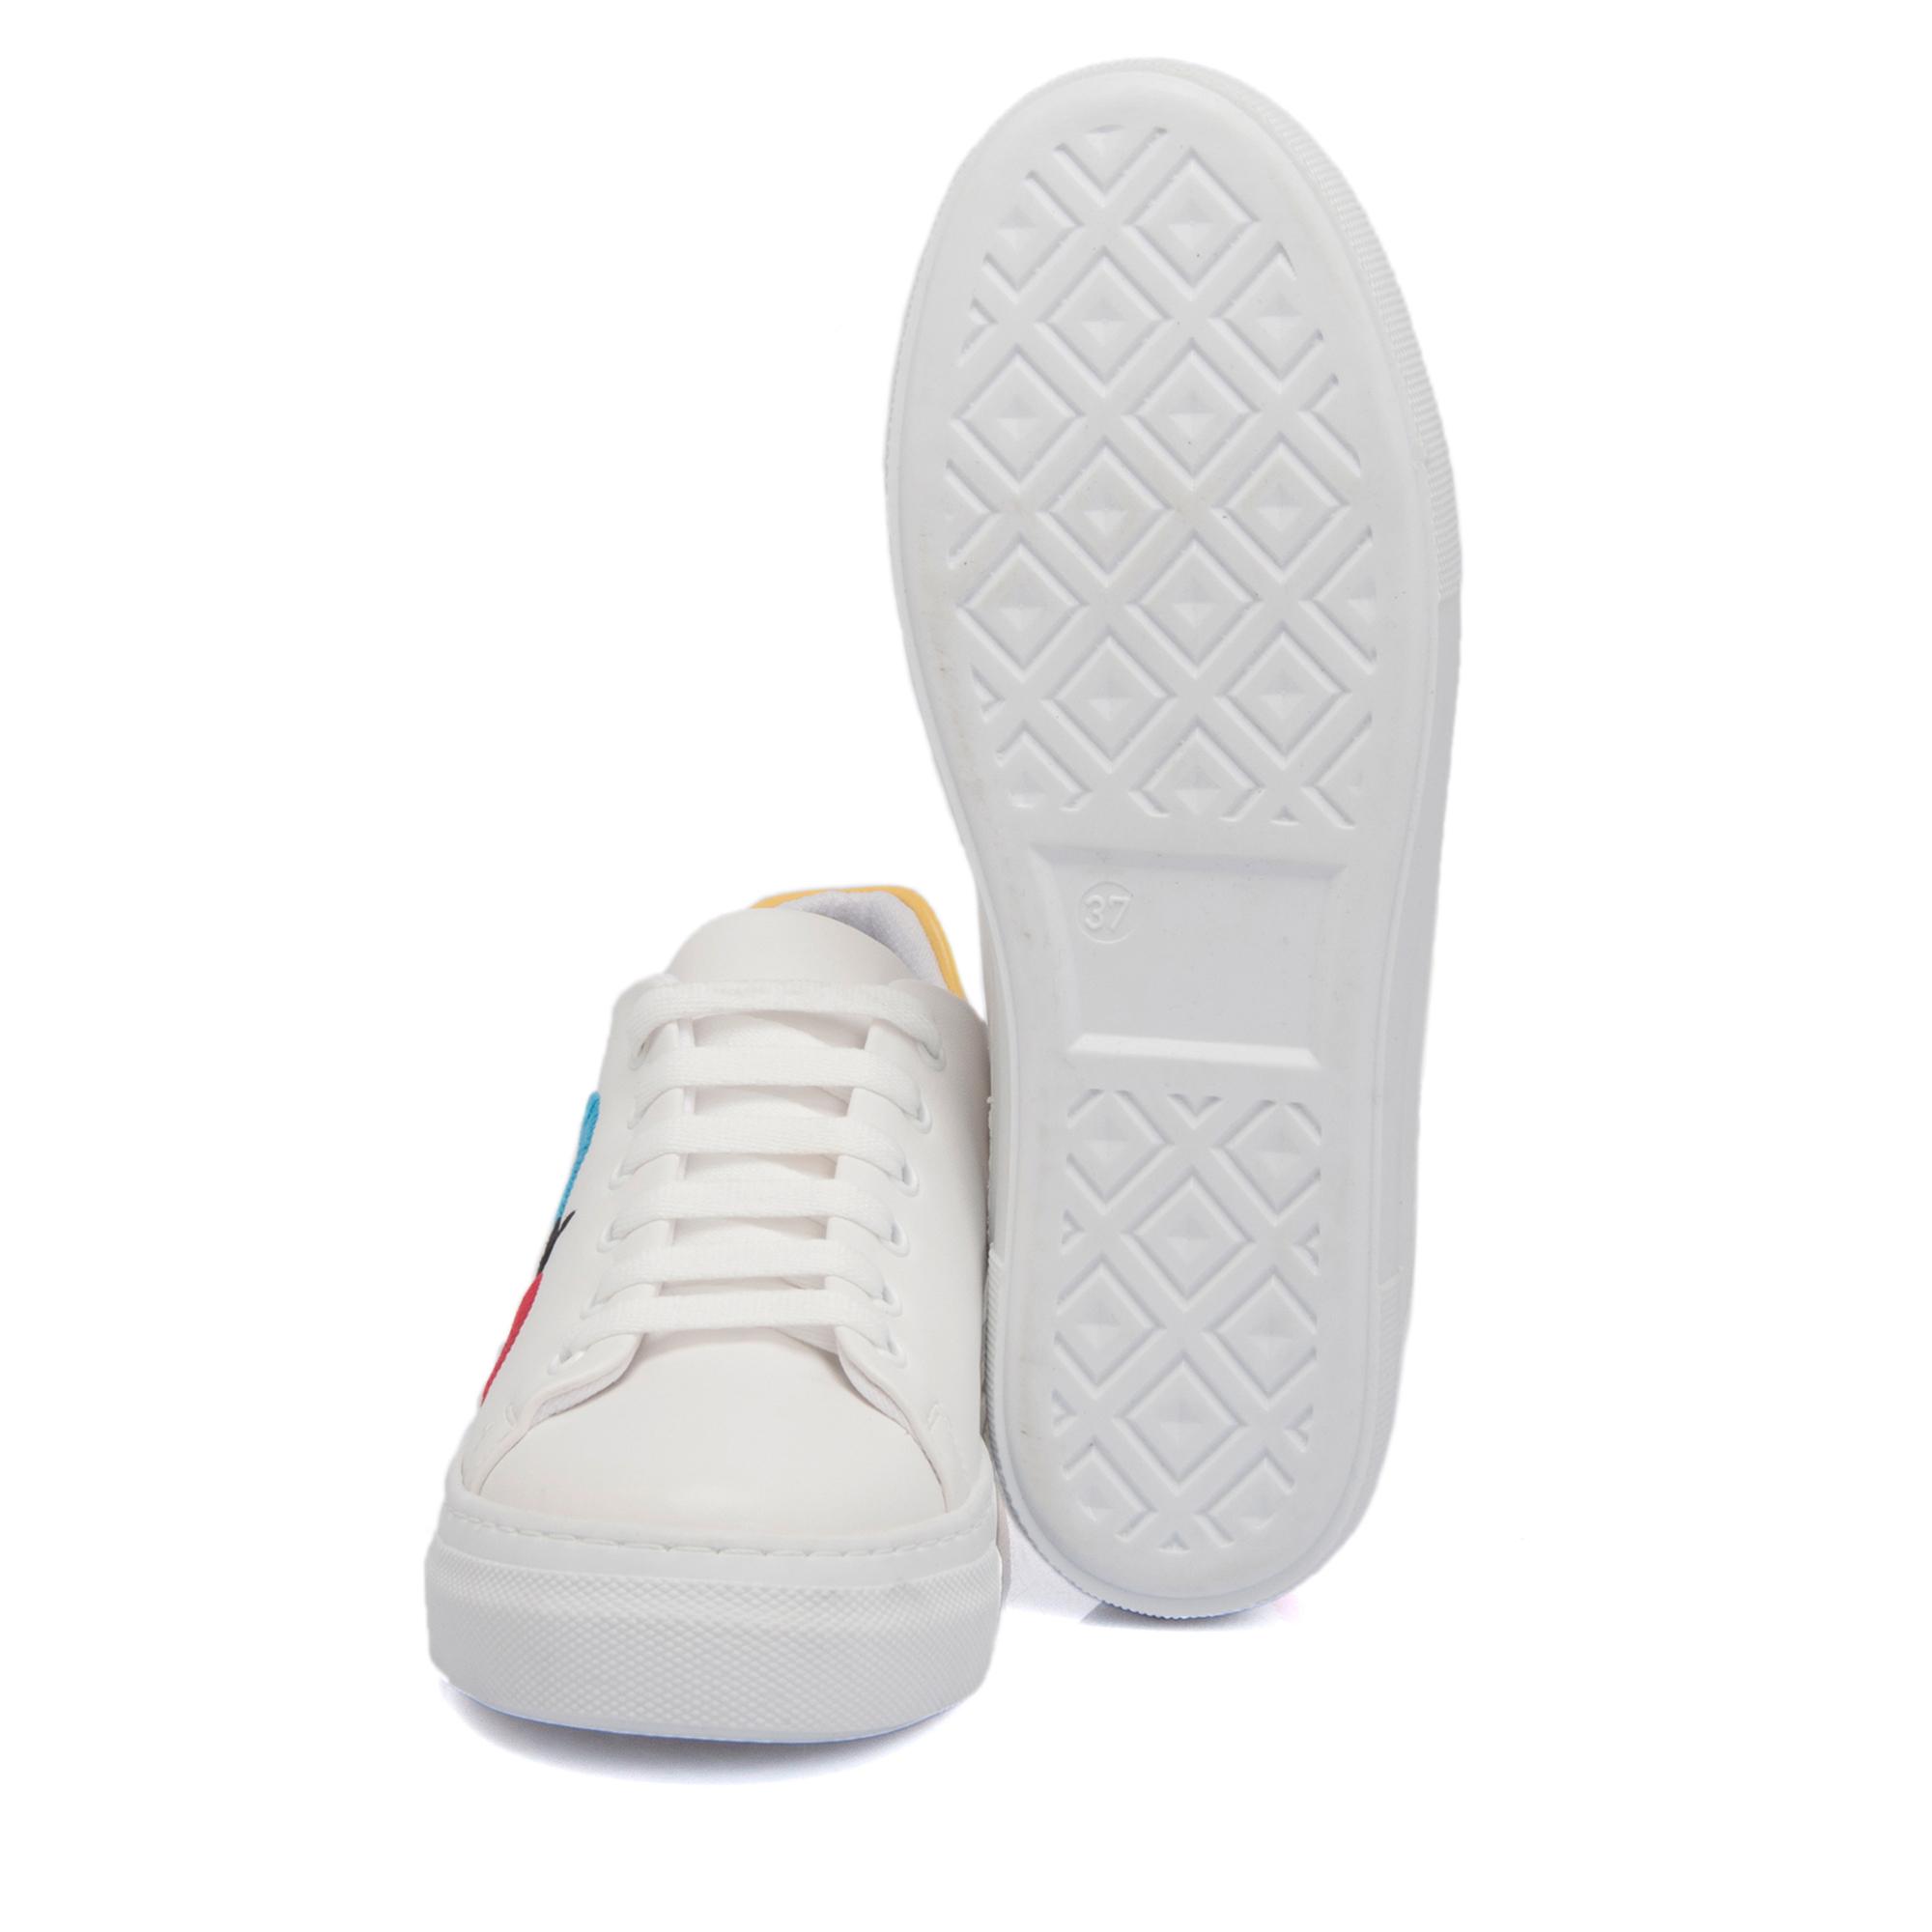 Beyaz Tekstil Kadın Ayakkabı 64229D93